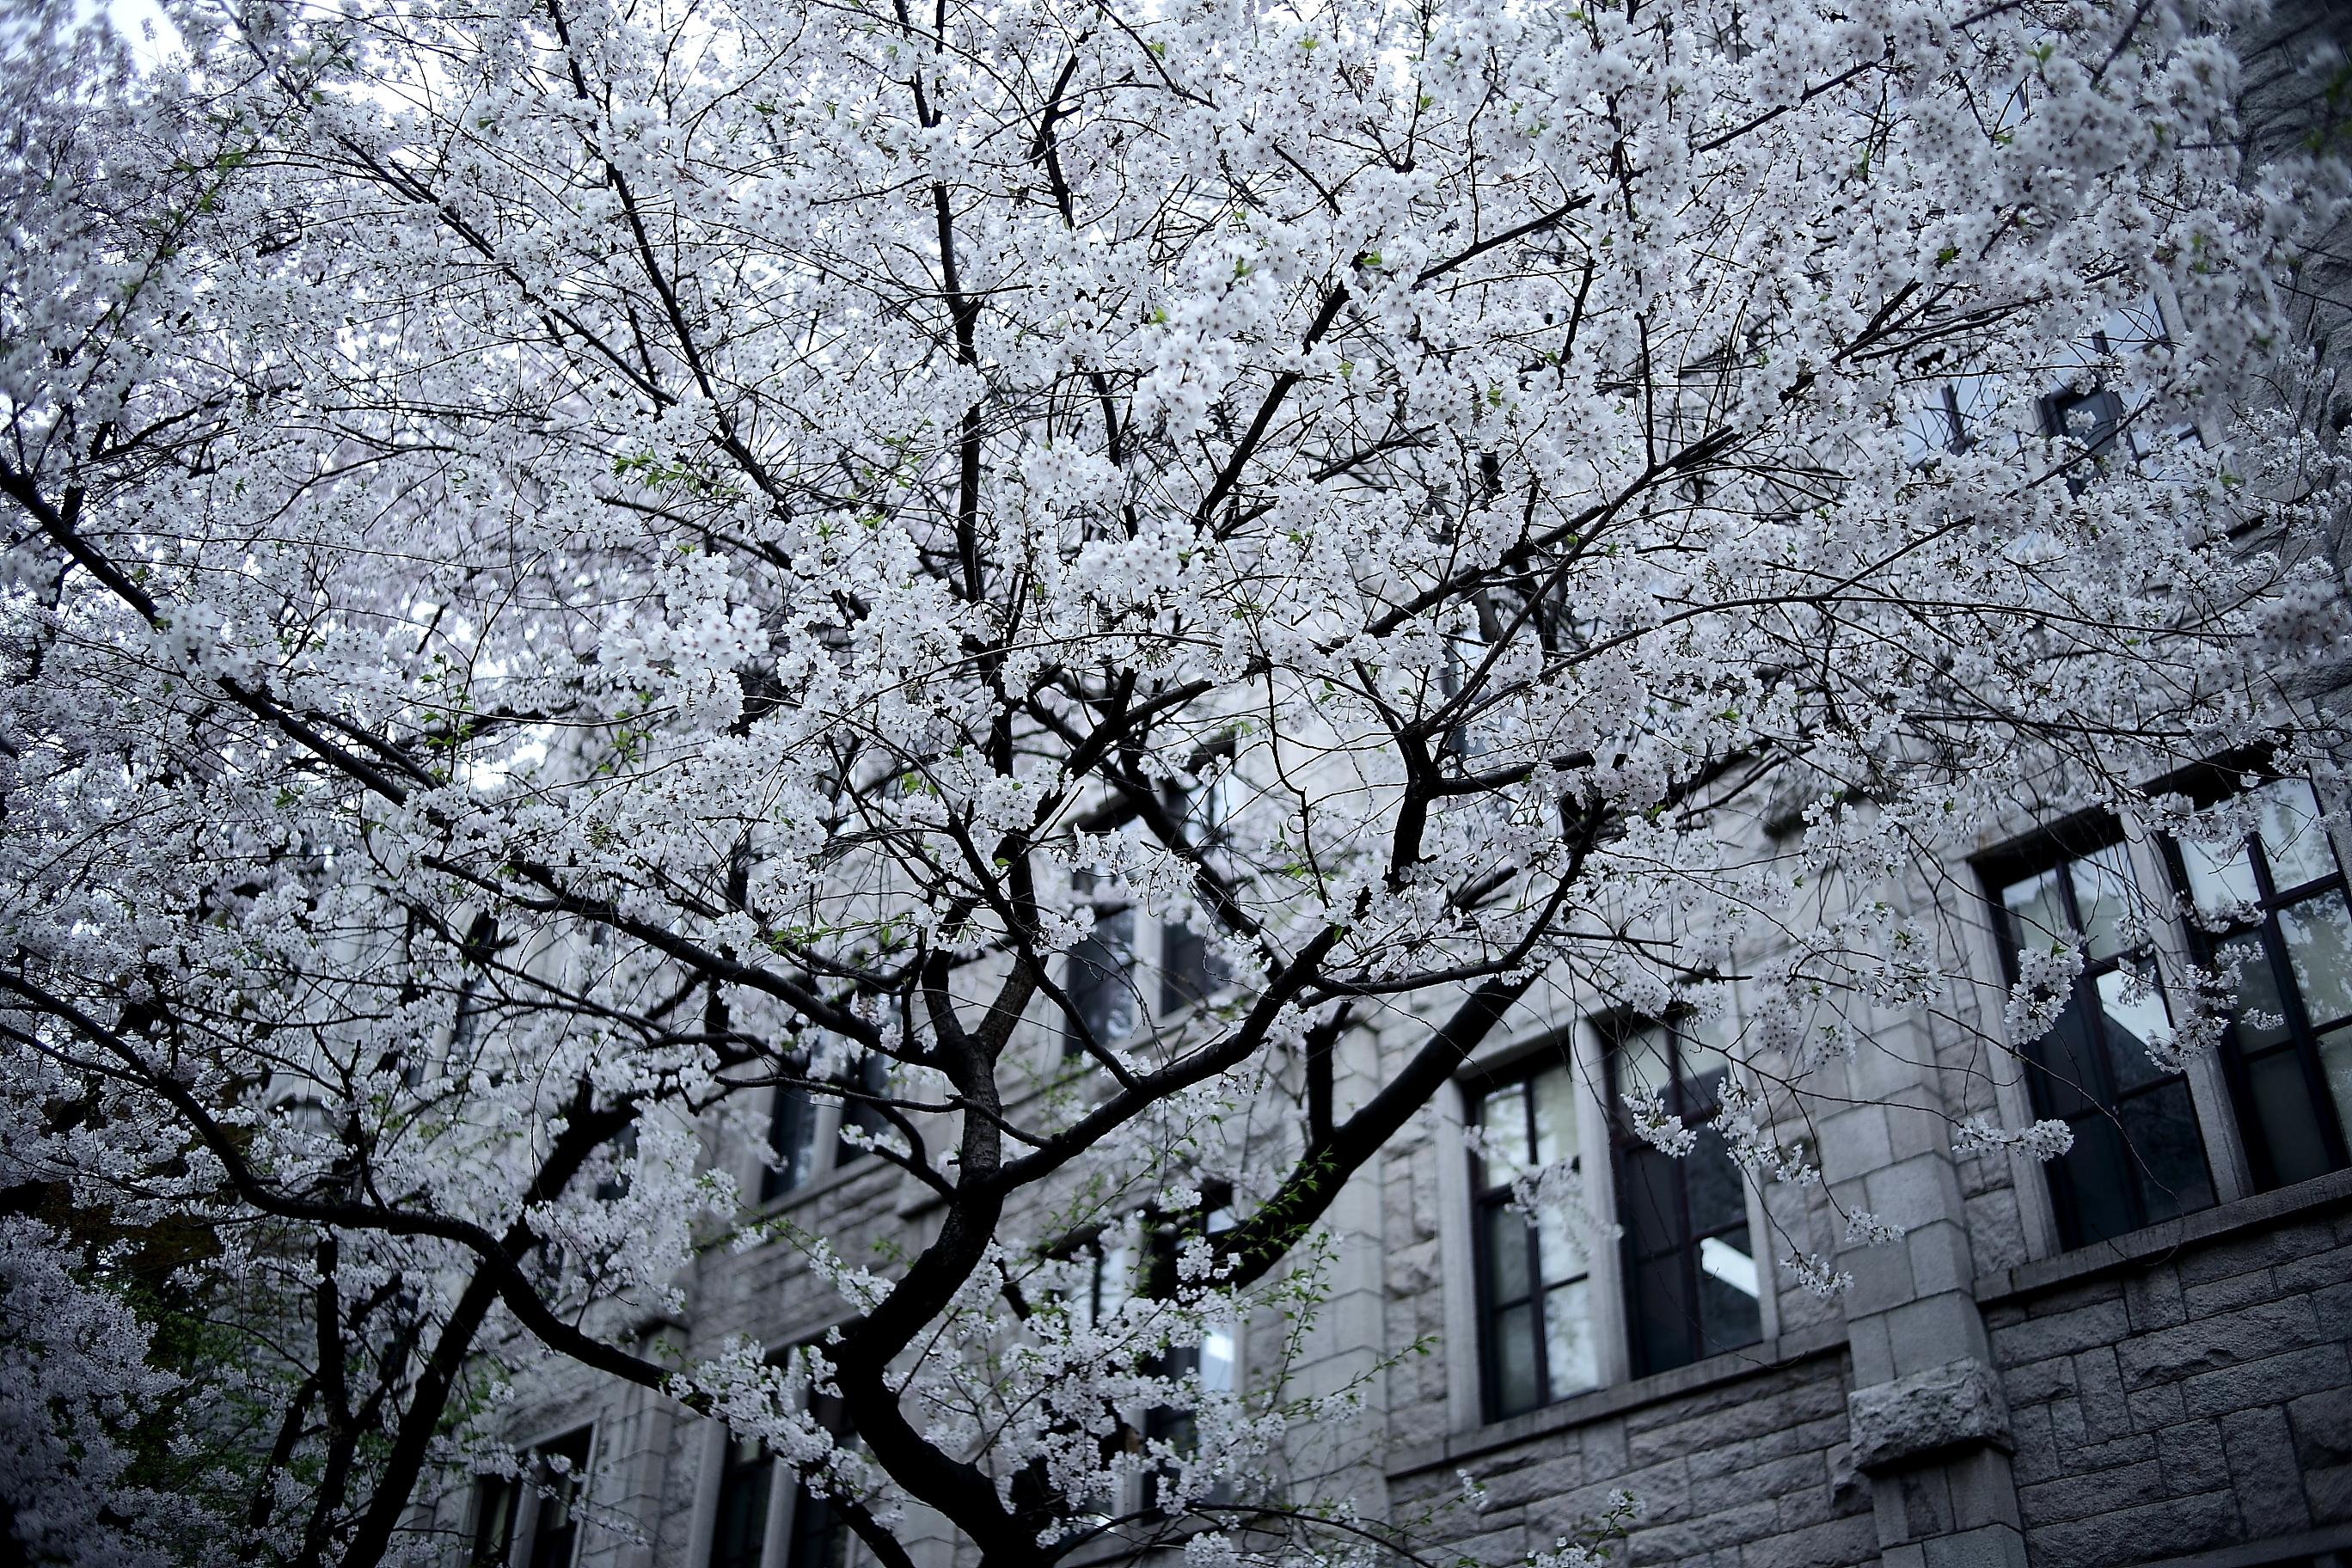 картинки весна монохром клубники фейерверк